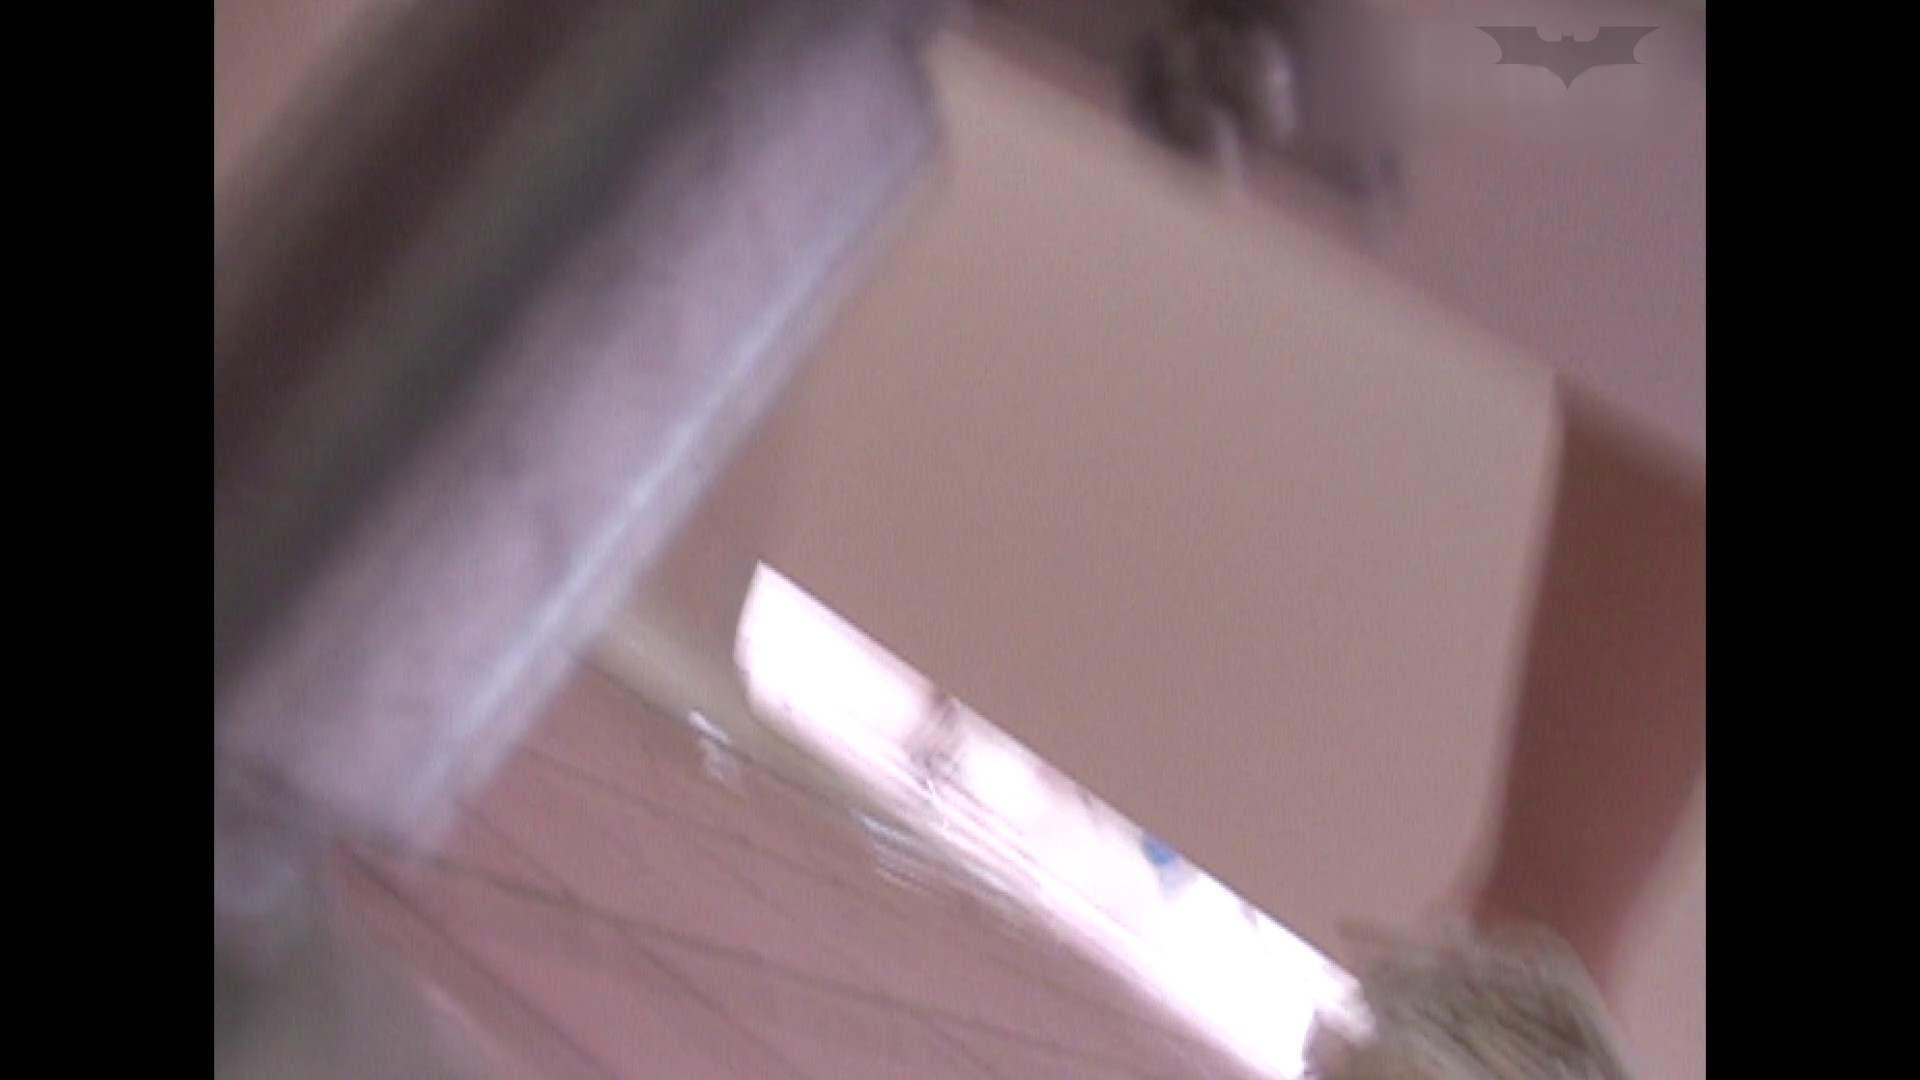 かわいい子から太い~うんこ 期間限定神キタ!ツルピカの放nyo!Vol.23 美肌 AV無料動画キャプチャ 72画像 48